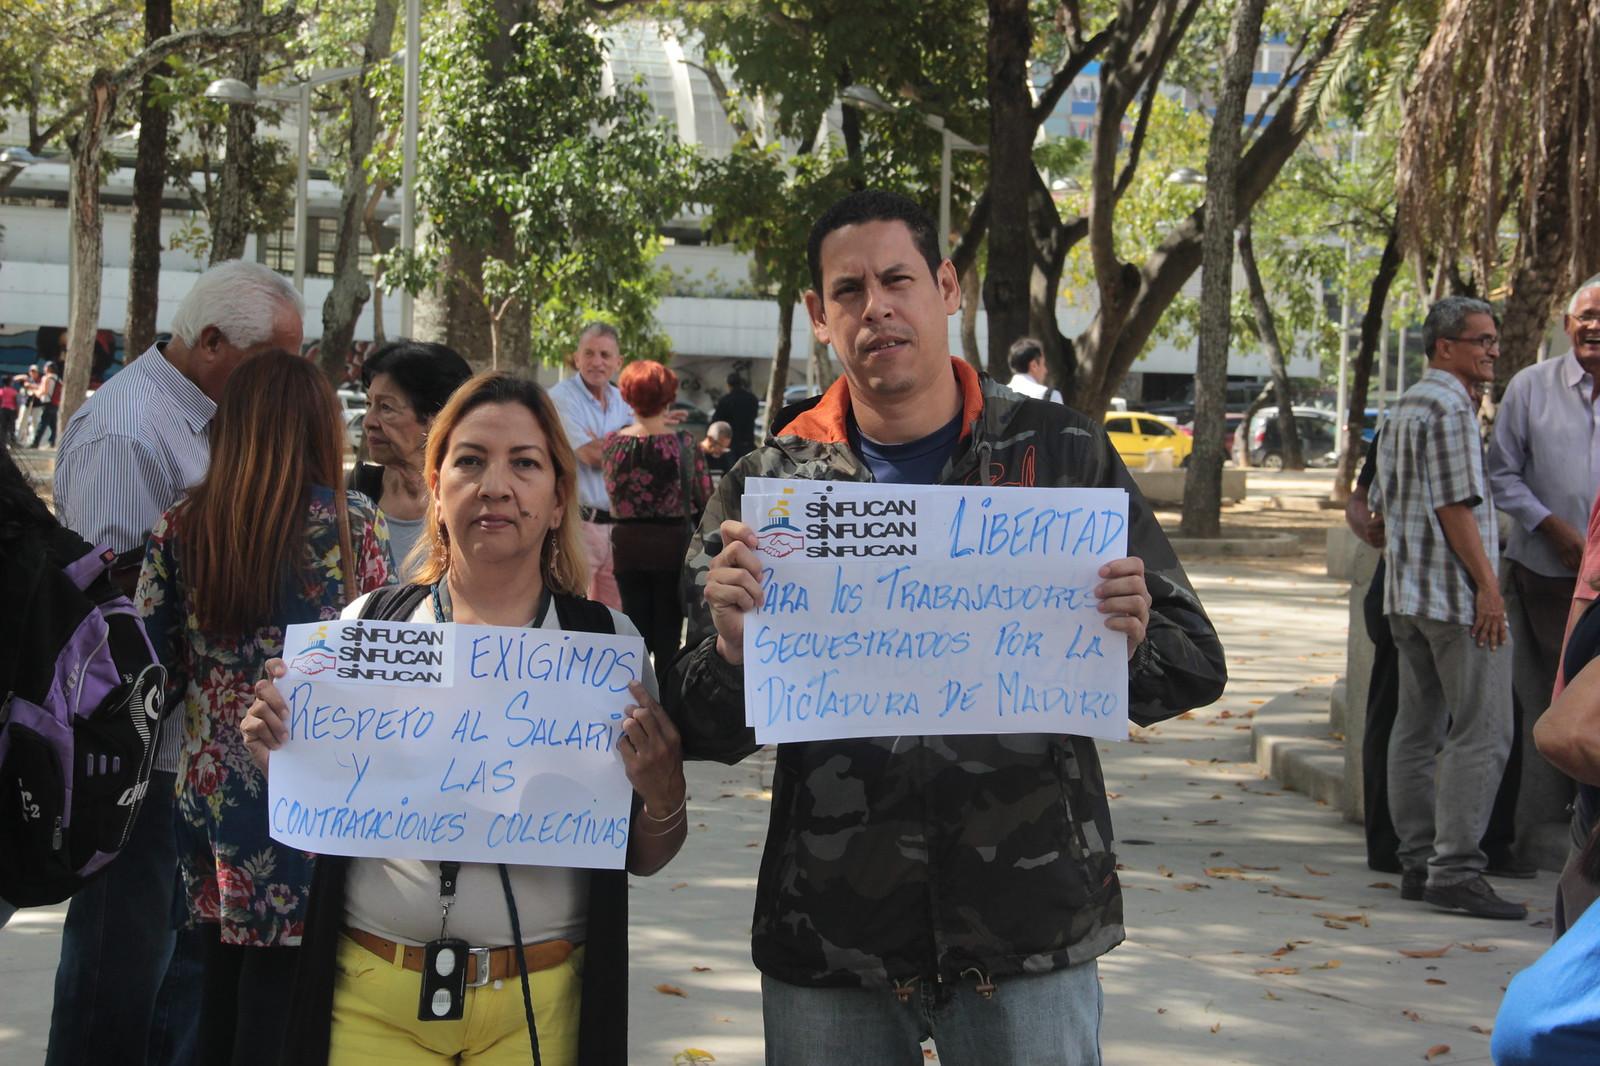 13.12.18 concentración de trabajadores exigiendo respeto a los derechos laborales Parque Carabobo - Caracas